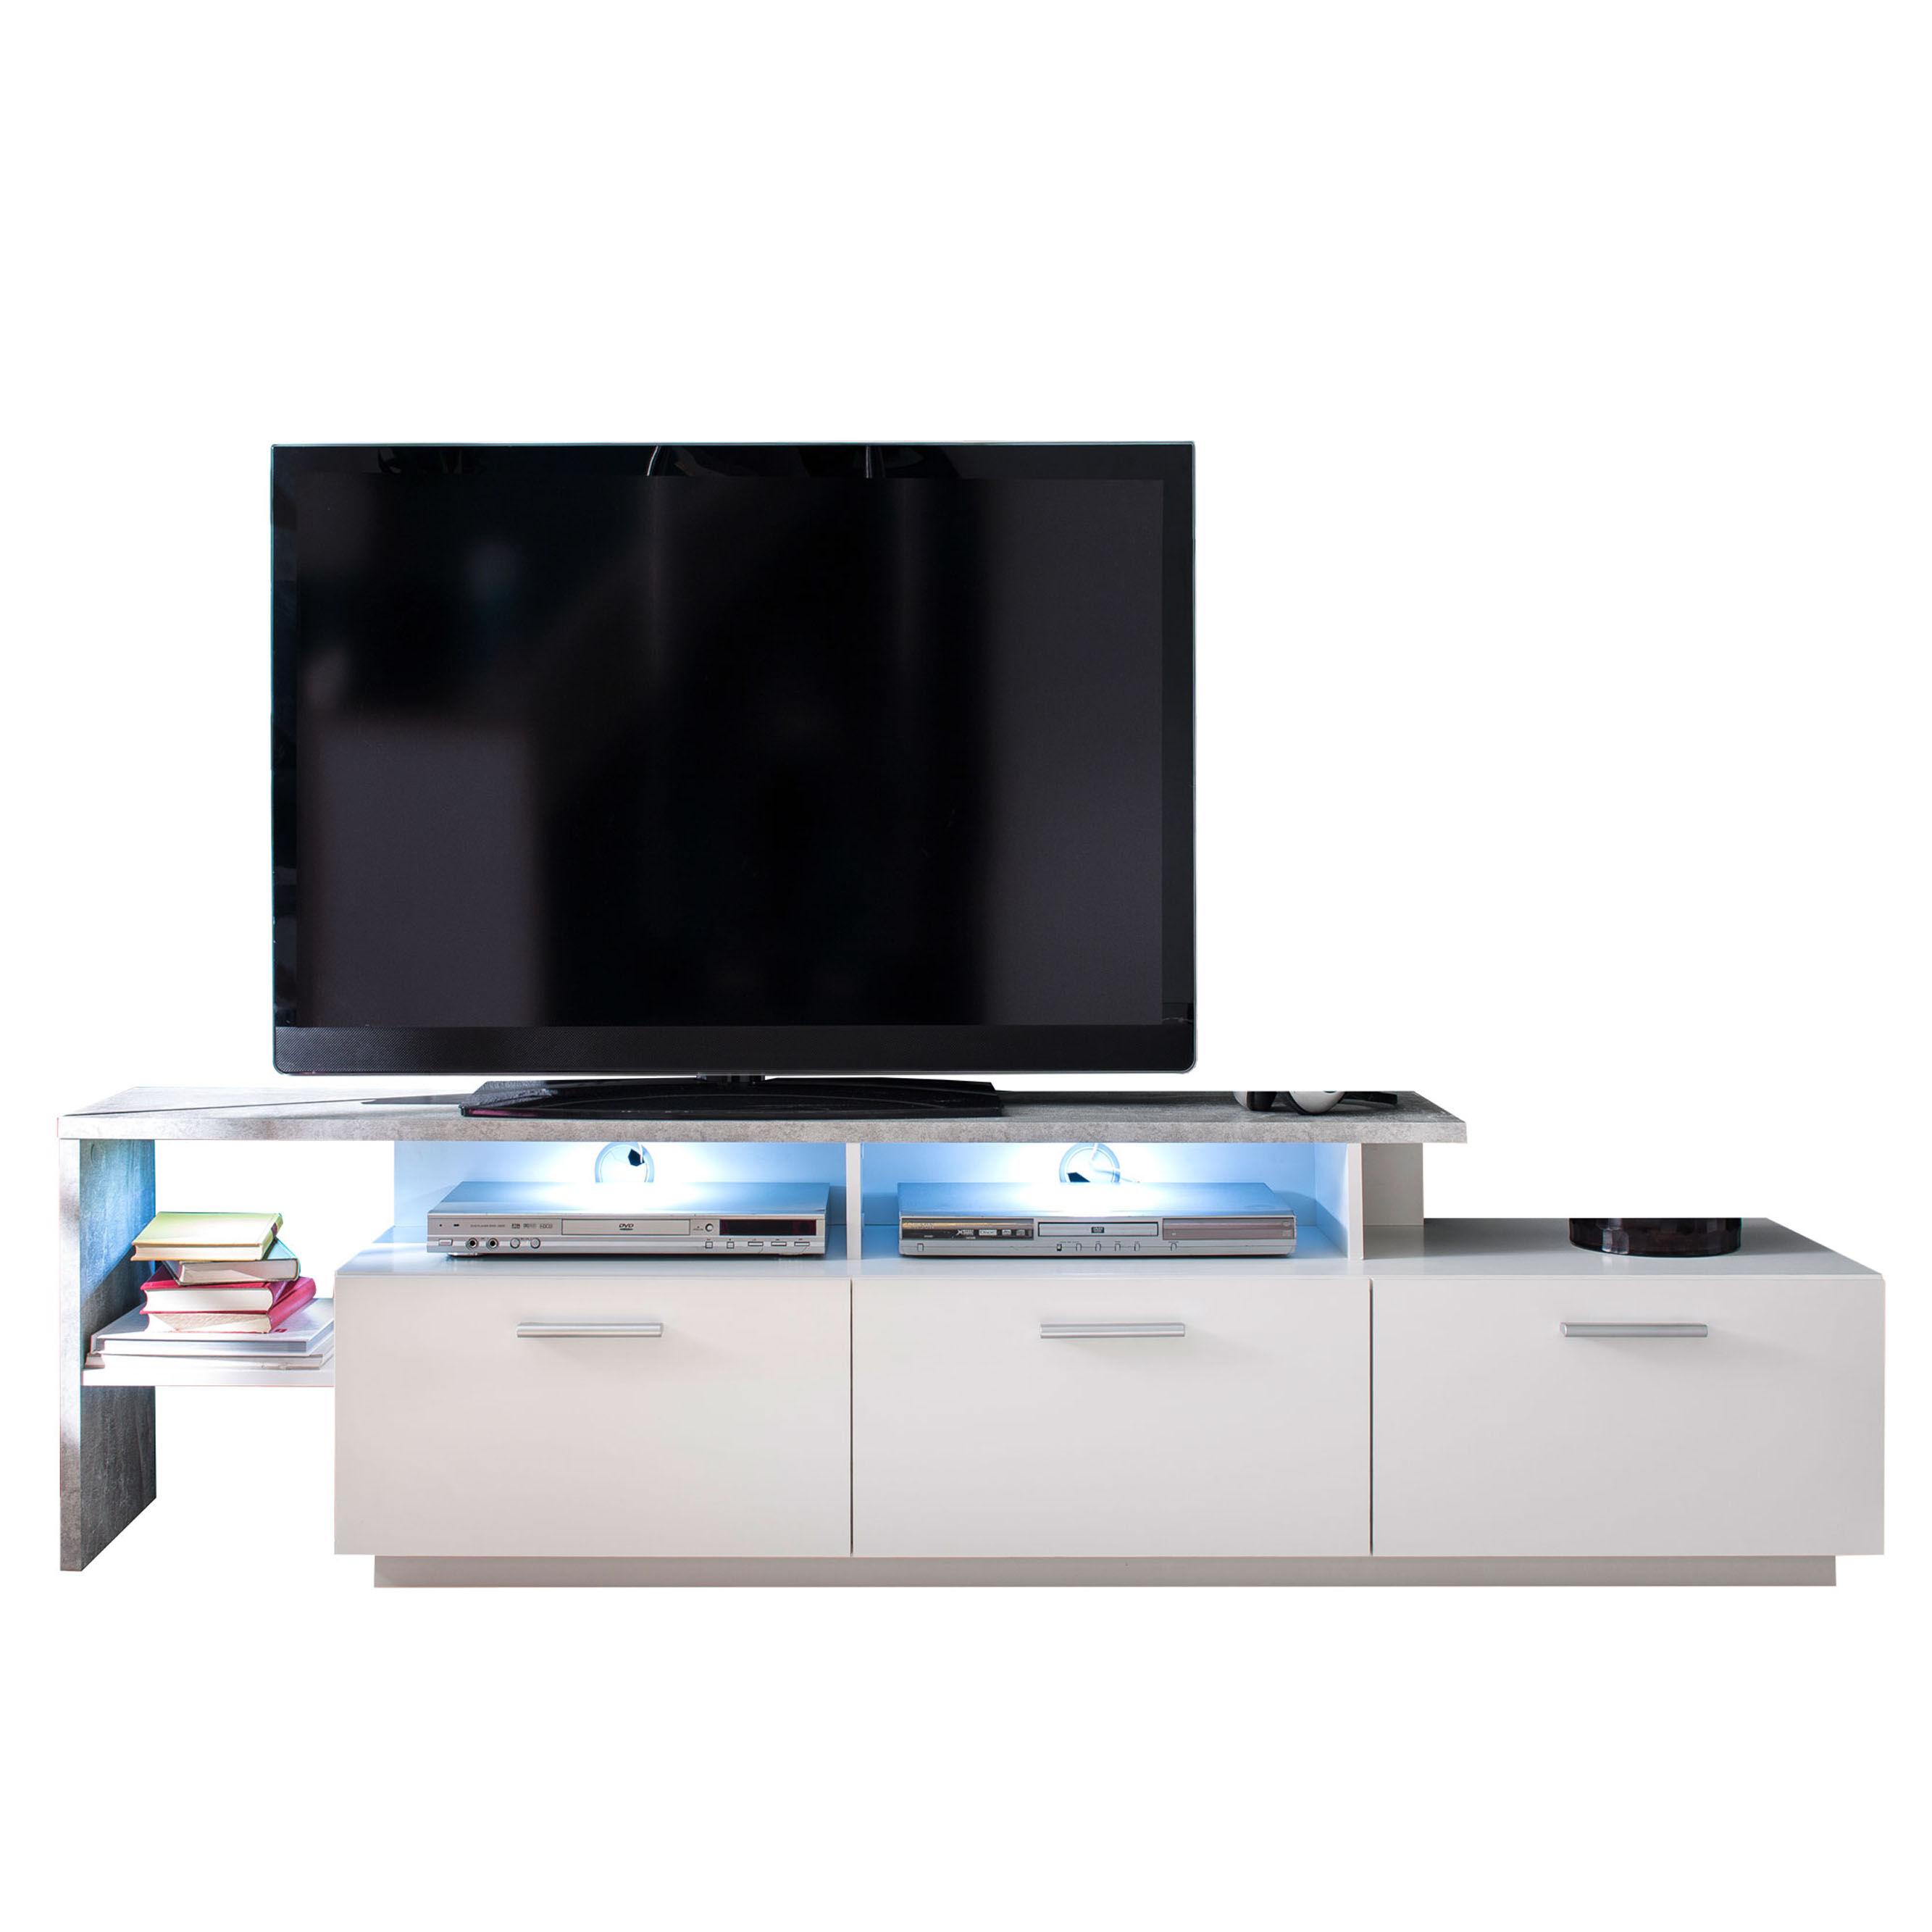 Stampe TV-bord 3 klaffdører, 3 hyller og inkl lys, hvit.